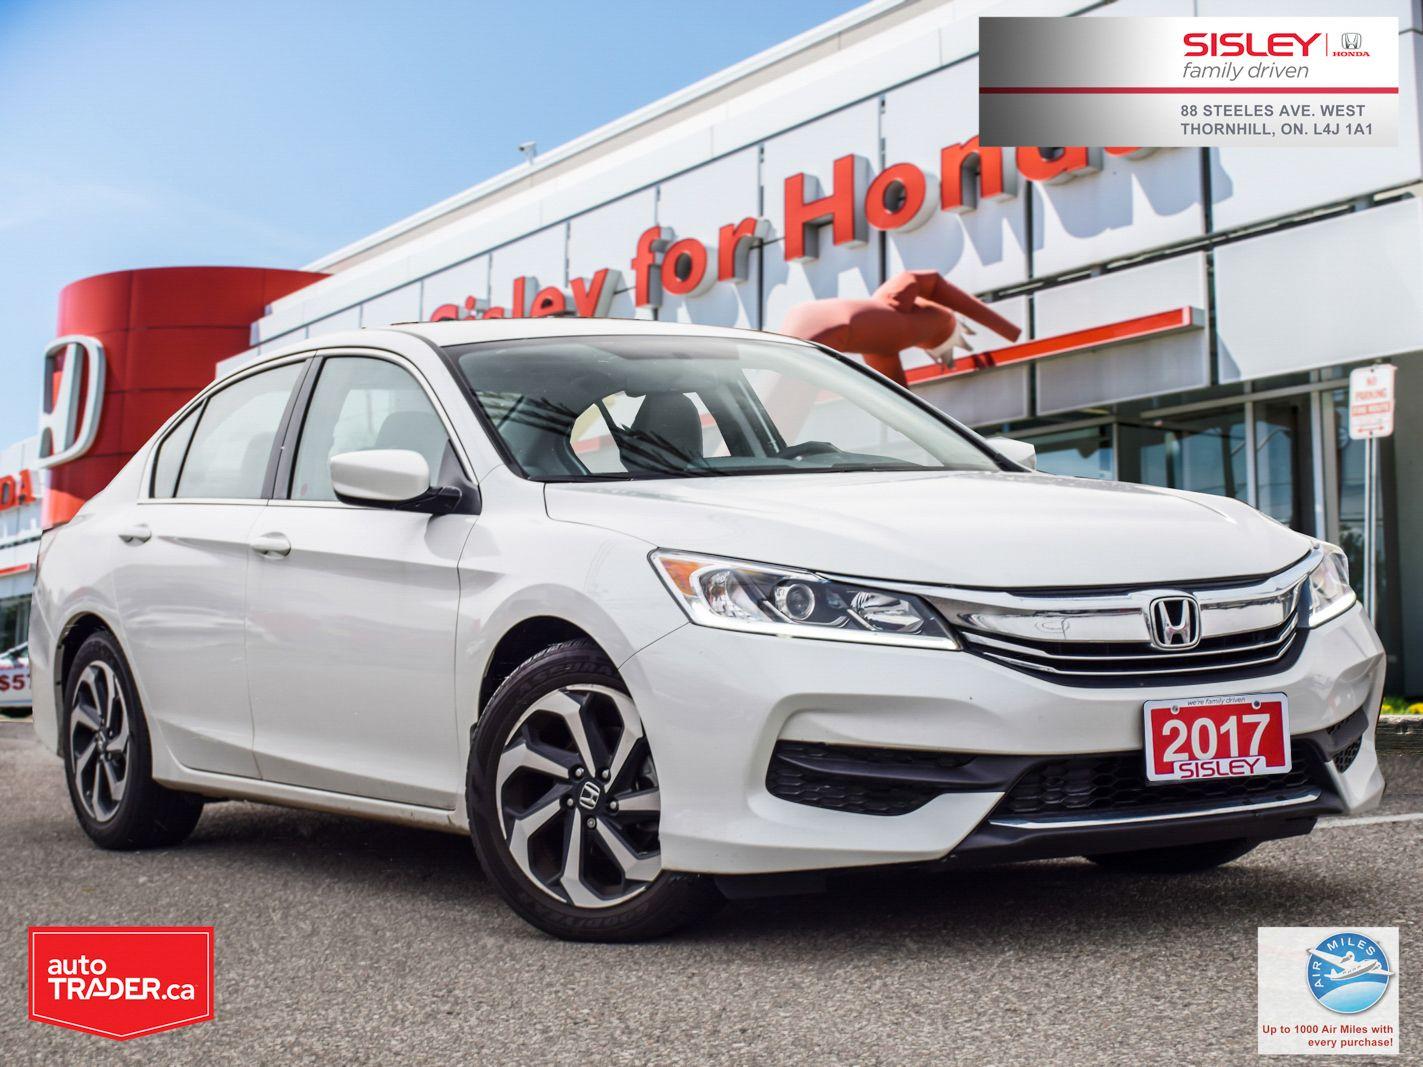 2017 Honda Accord Sedan Image